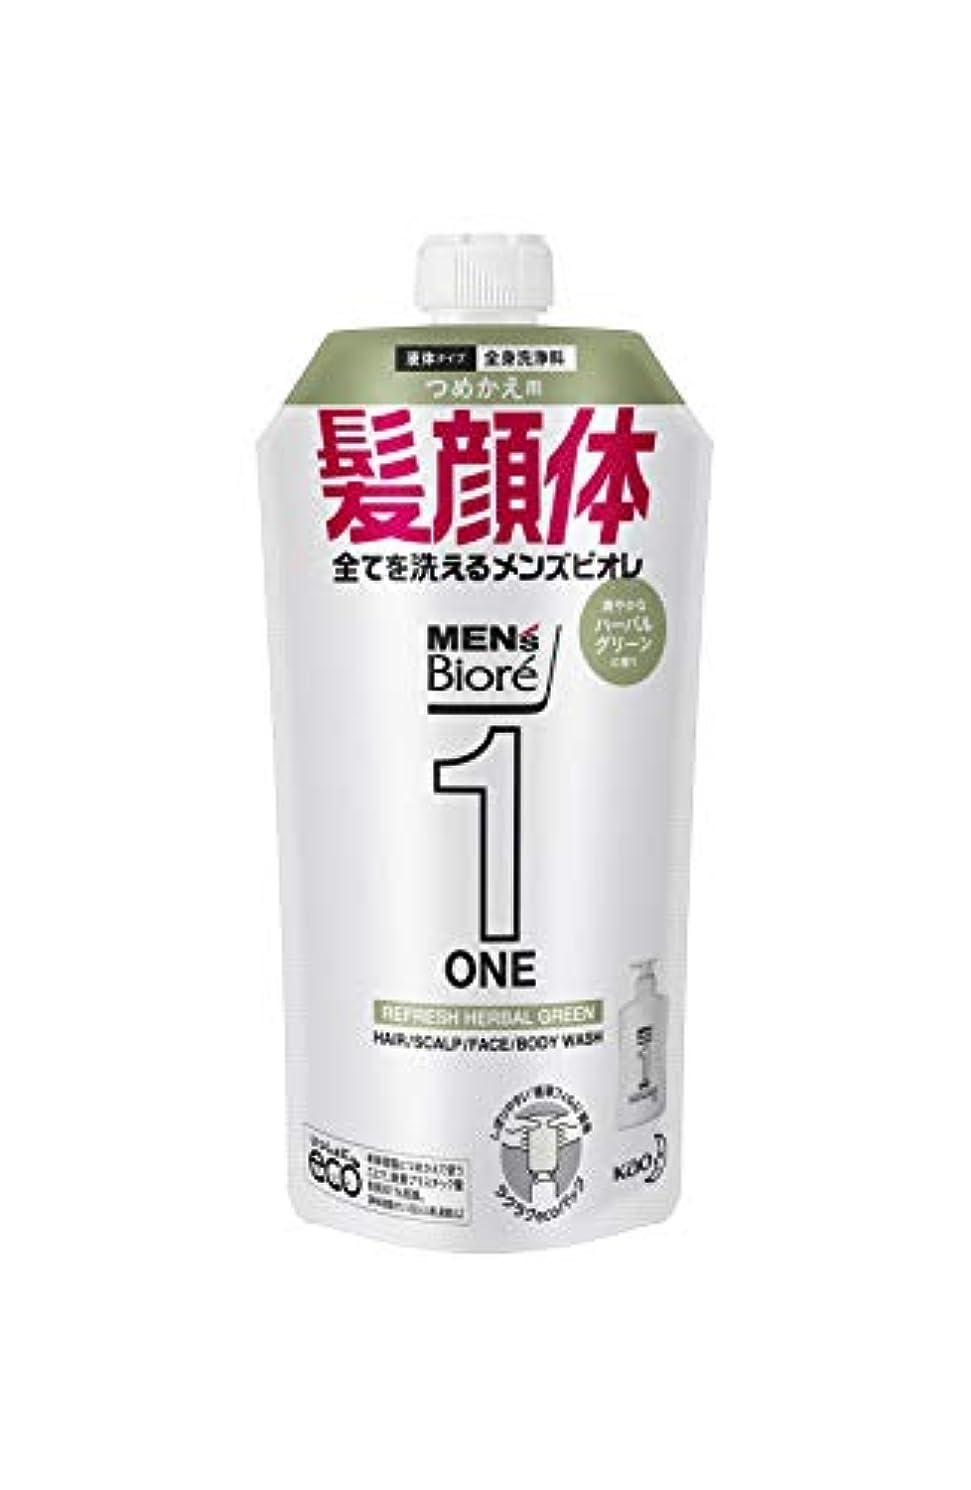 おとこエスカレーターテセウスメンズビオレワン オールインワン 全身洗浄料 爽やかなハーバルグリーンの香り つめかえ用 340ml